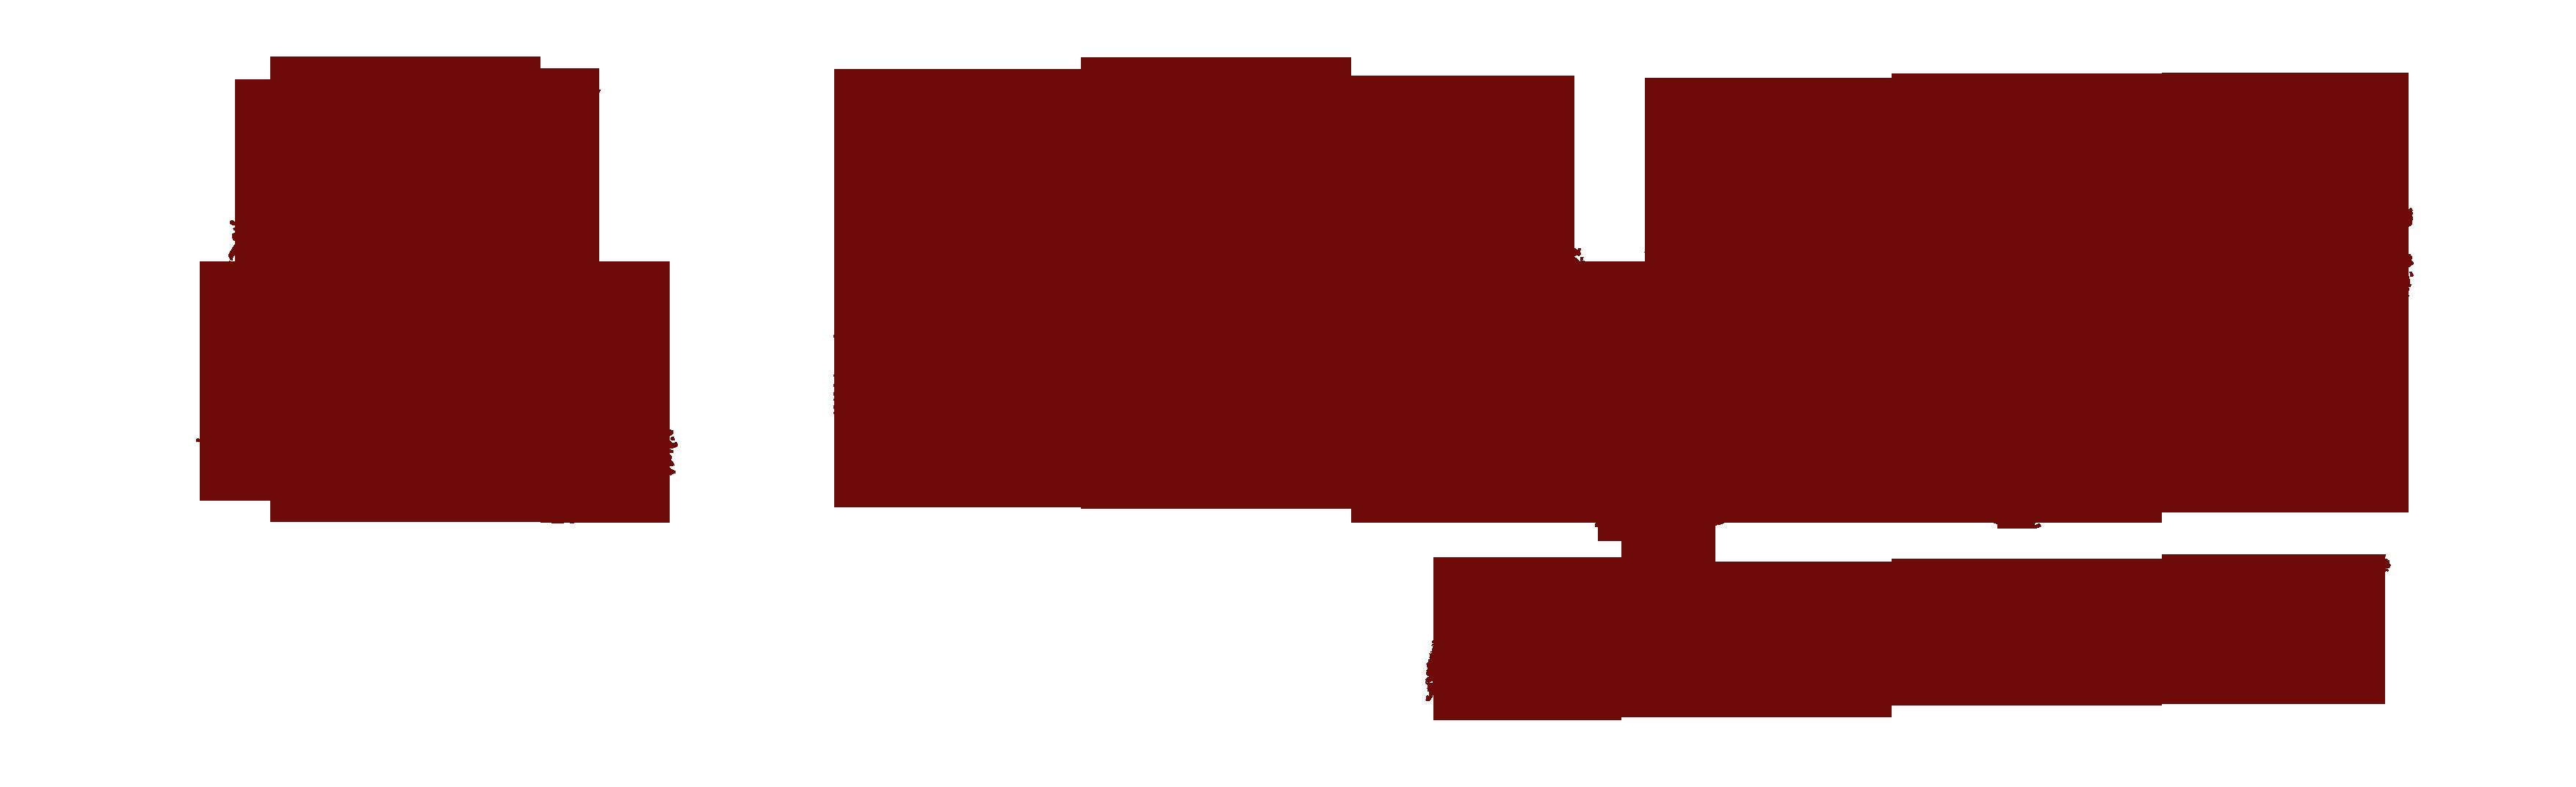 El Diablo Productions